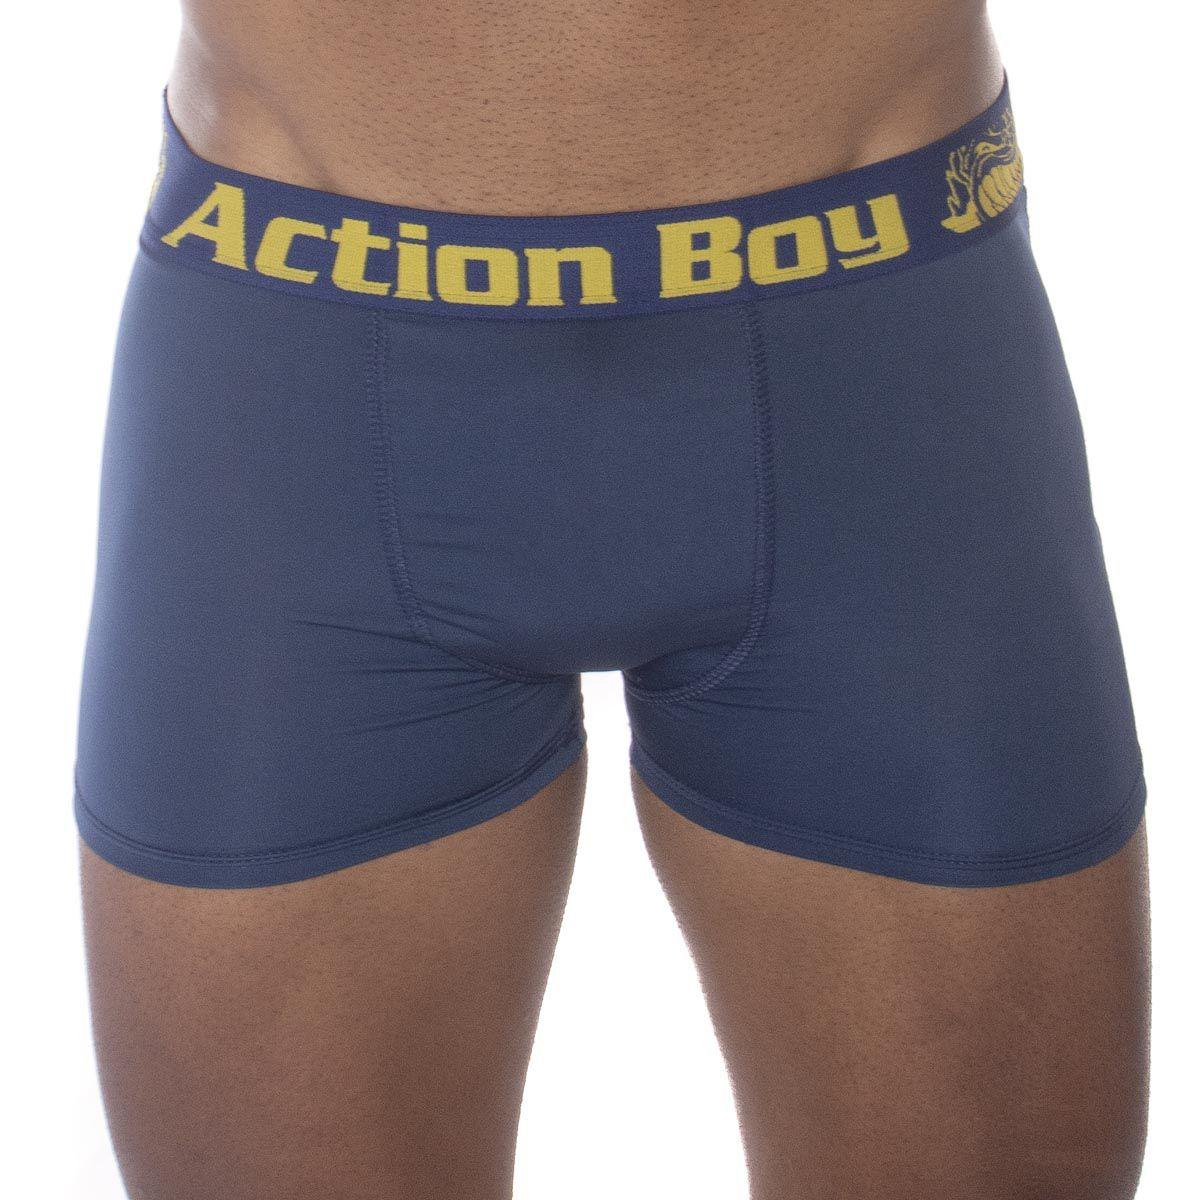 Kit com 3 Cuecas Boxer em Microfibra Lisa Action Boy